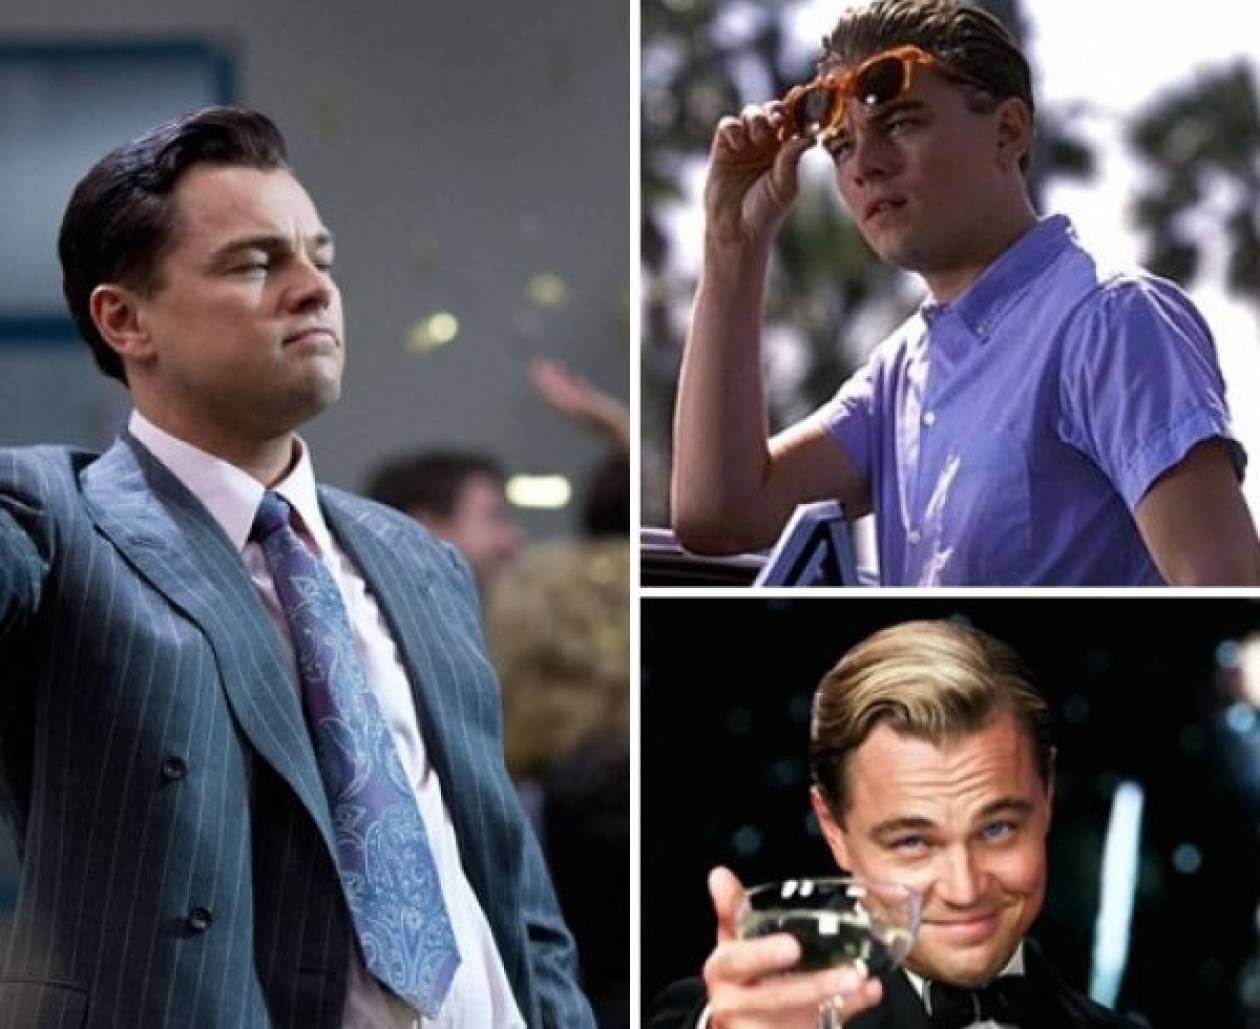 Ο άτυχος κύριος Di Caprio-Γιατί δεν έχει κερδίσει ΠΟΤΕ Όσκαρ